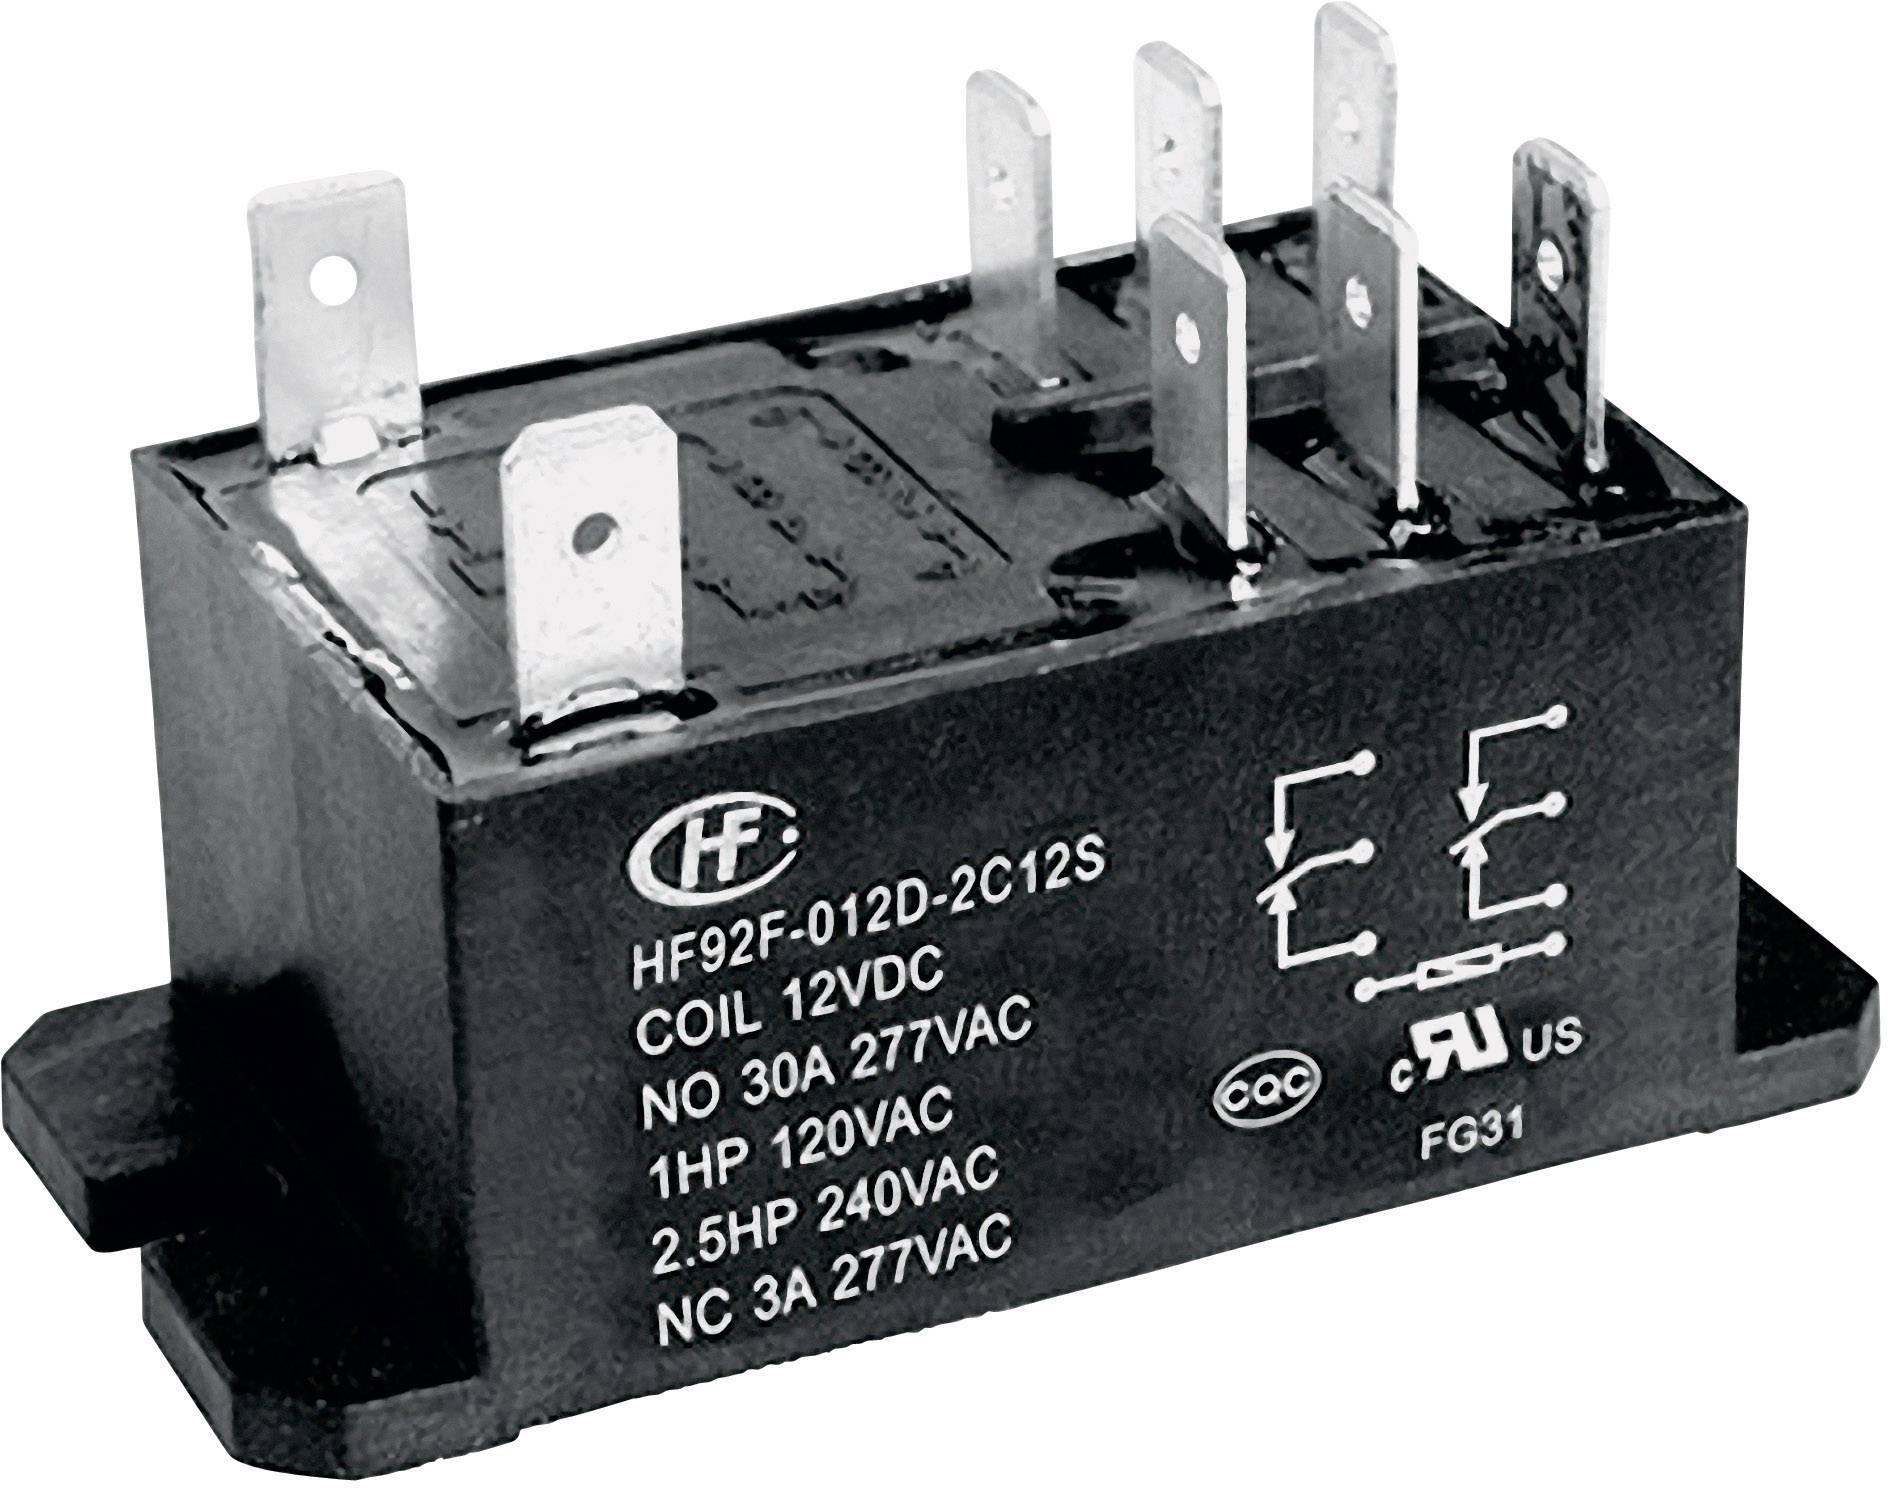 Power relé Hongfa HF92F-024D-2C11S, 30 A , 277 V/AC , 8310 VA